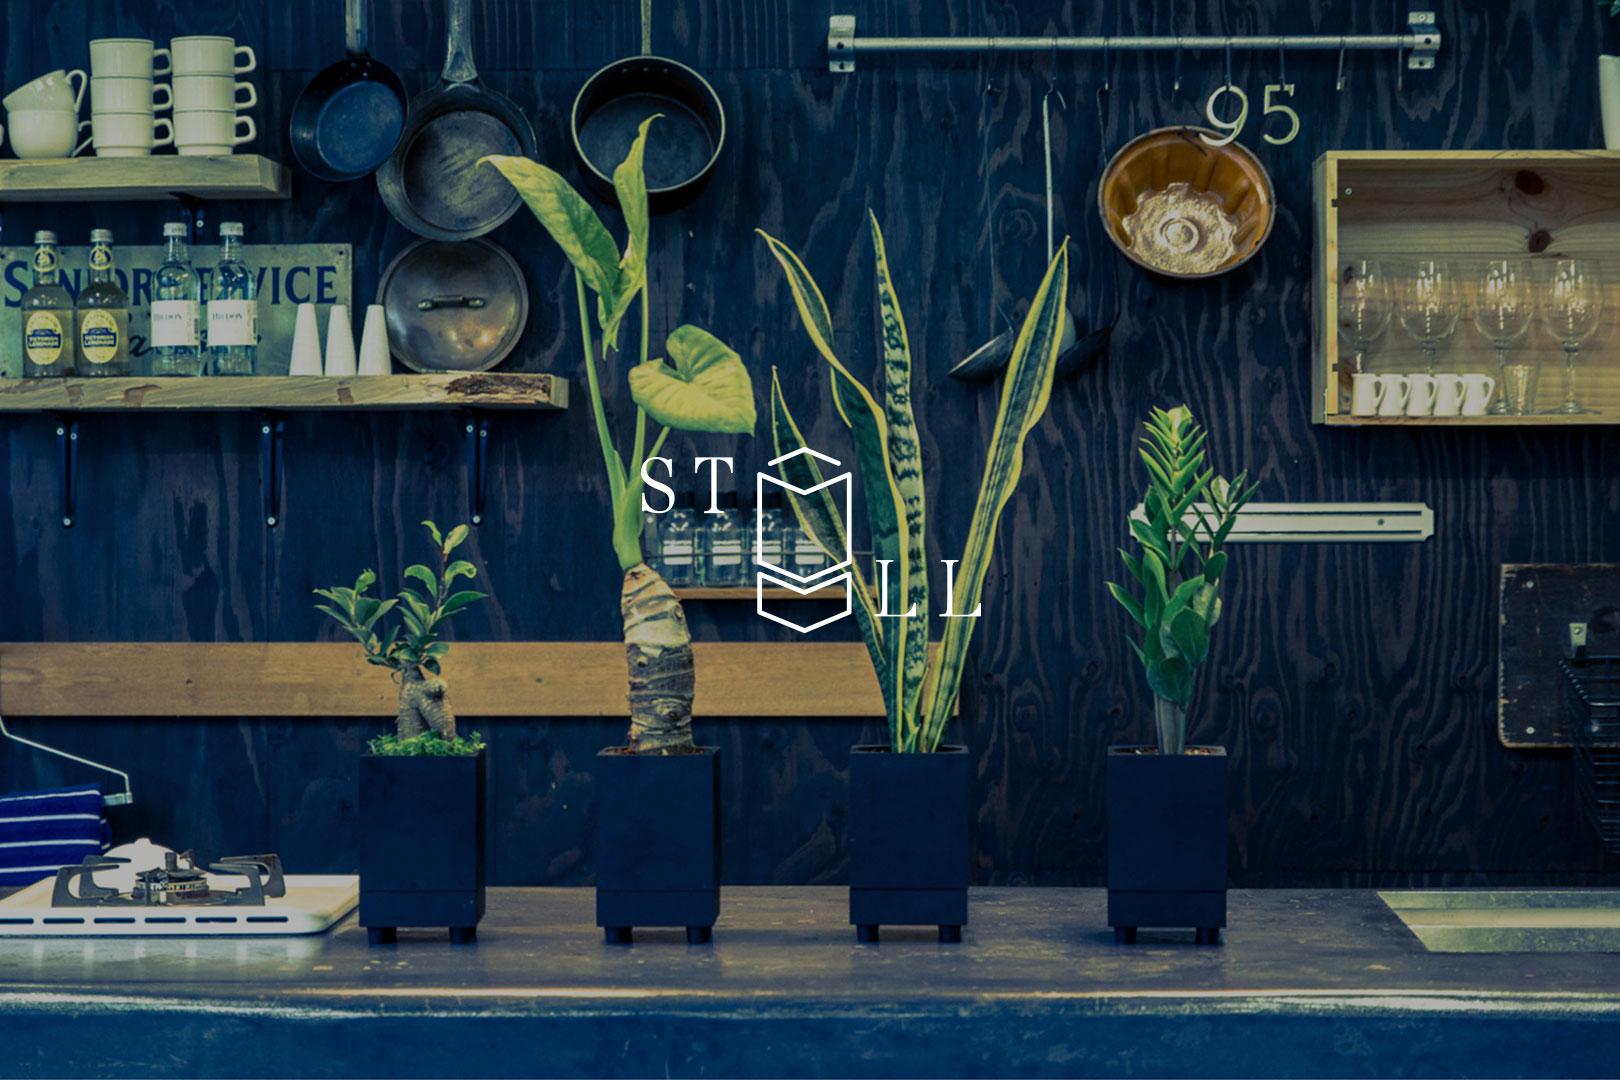 ただ、静かに佇む植木鉢「STILL」